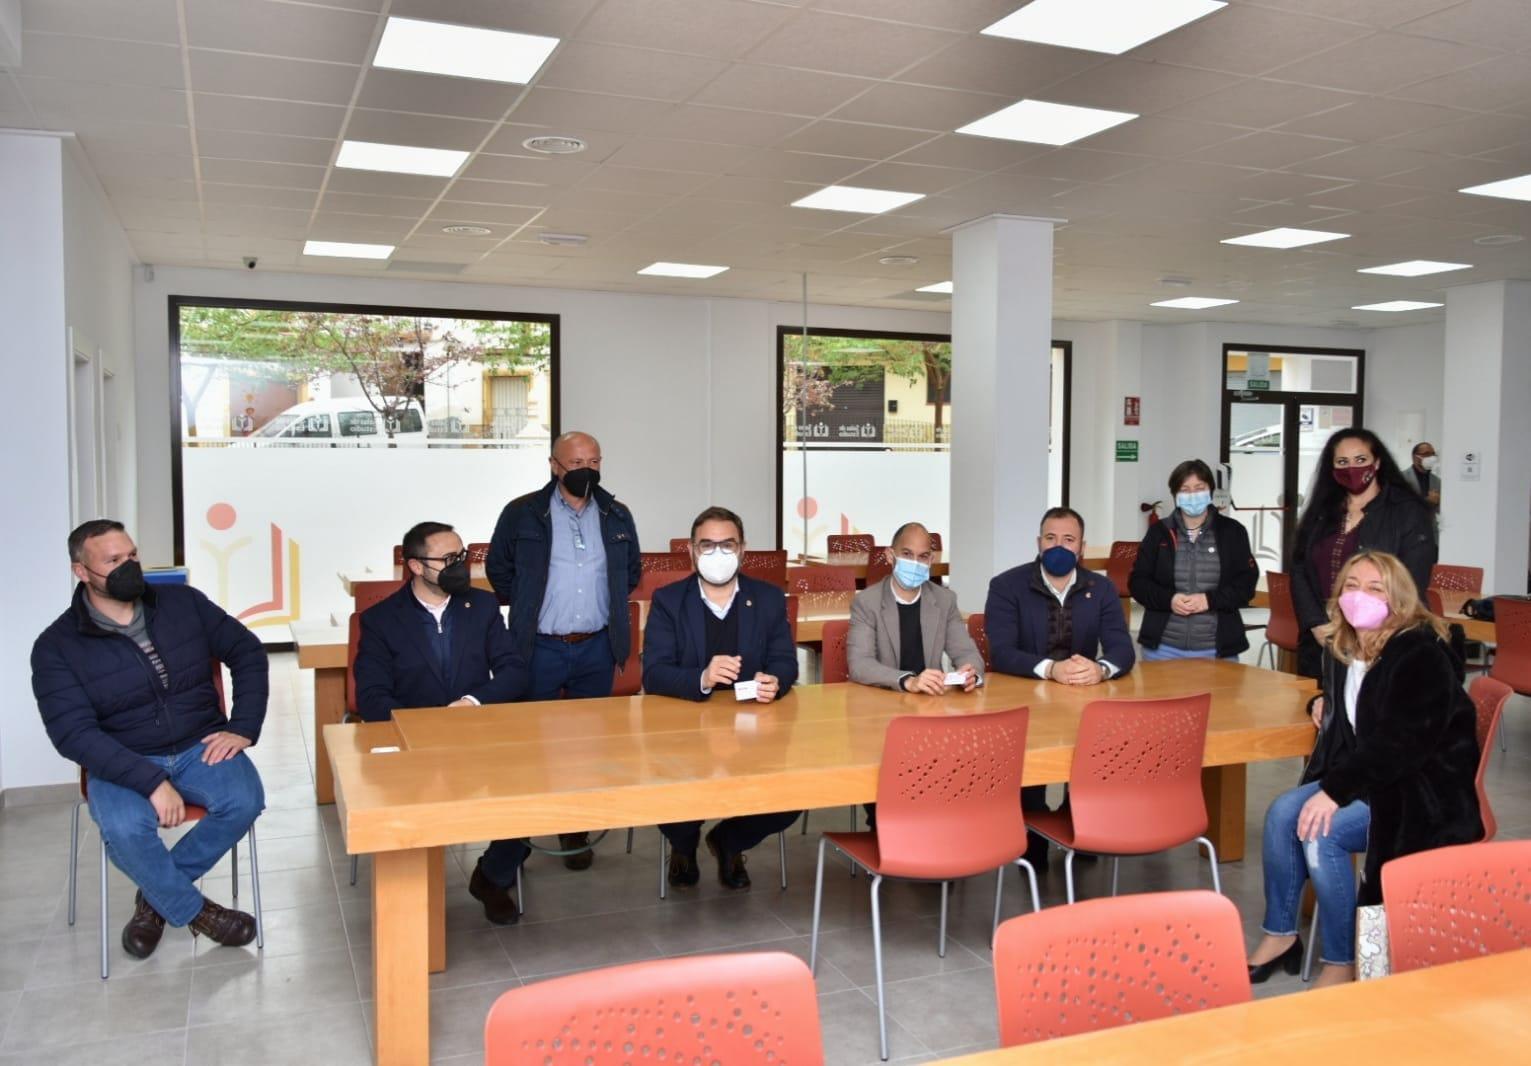 El Ayuntamiento de Lorca inaugura la primera sala de estudio autogestionada del municipio, situada en pleno casco histórico